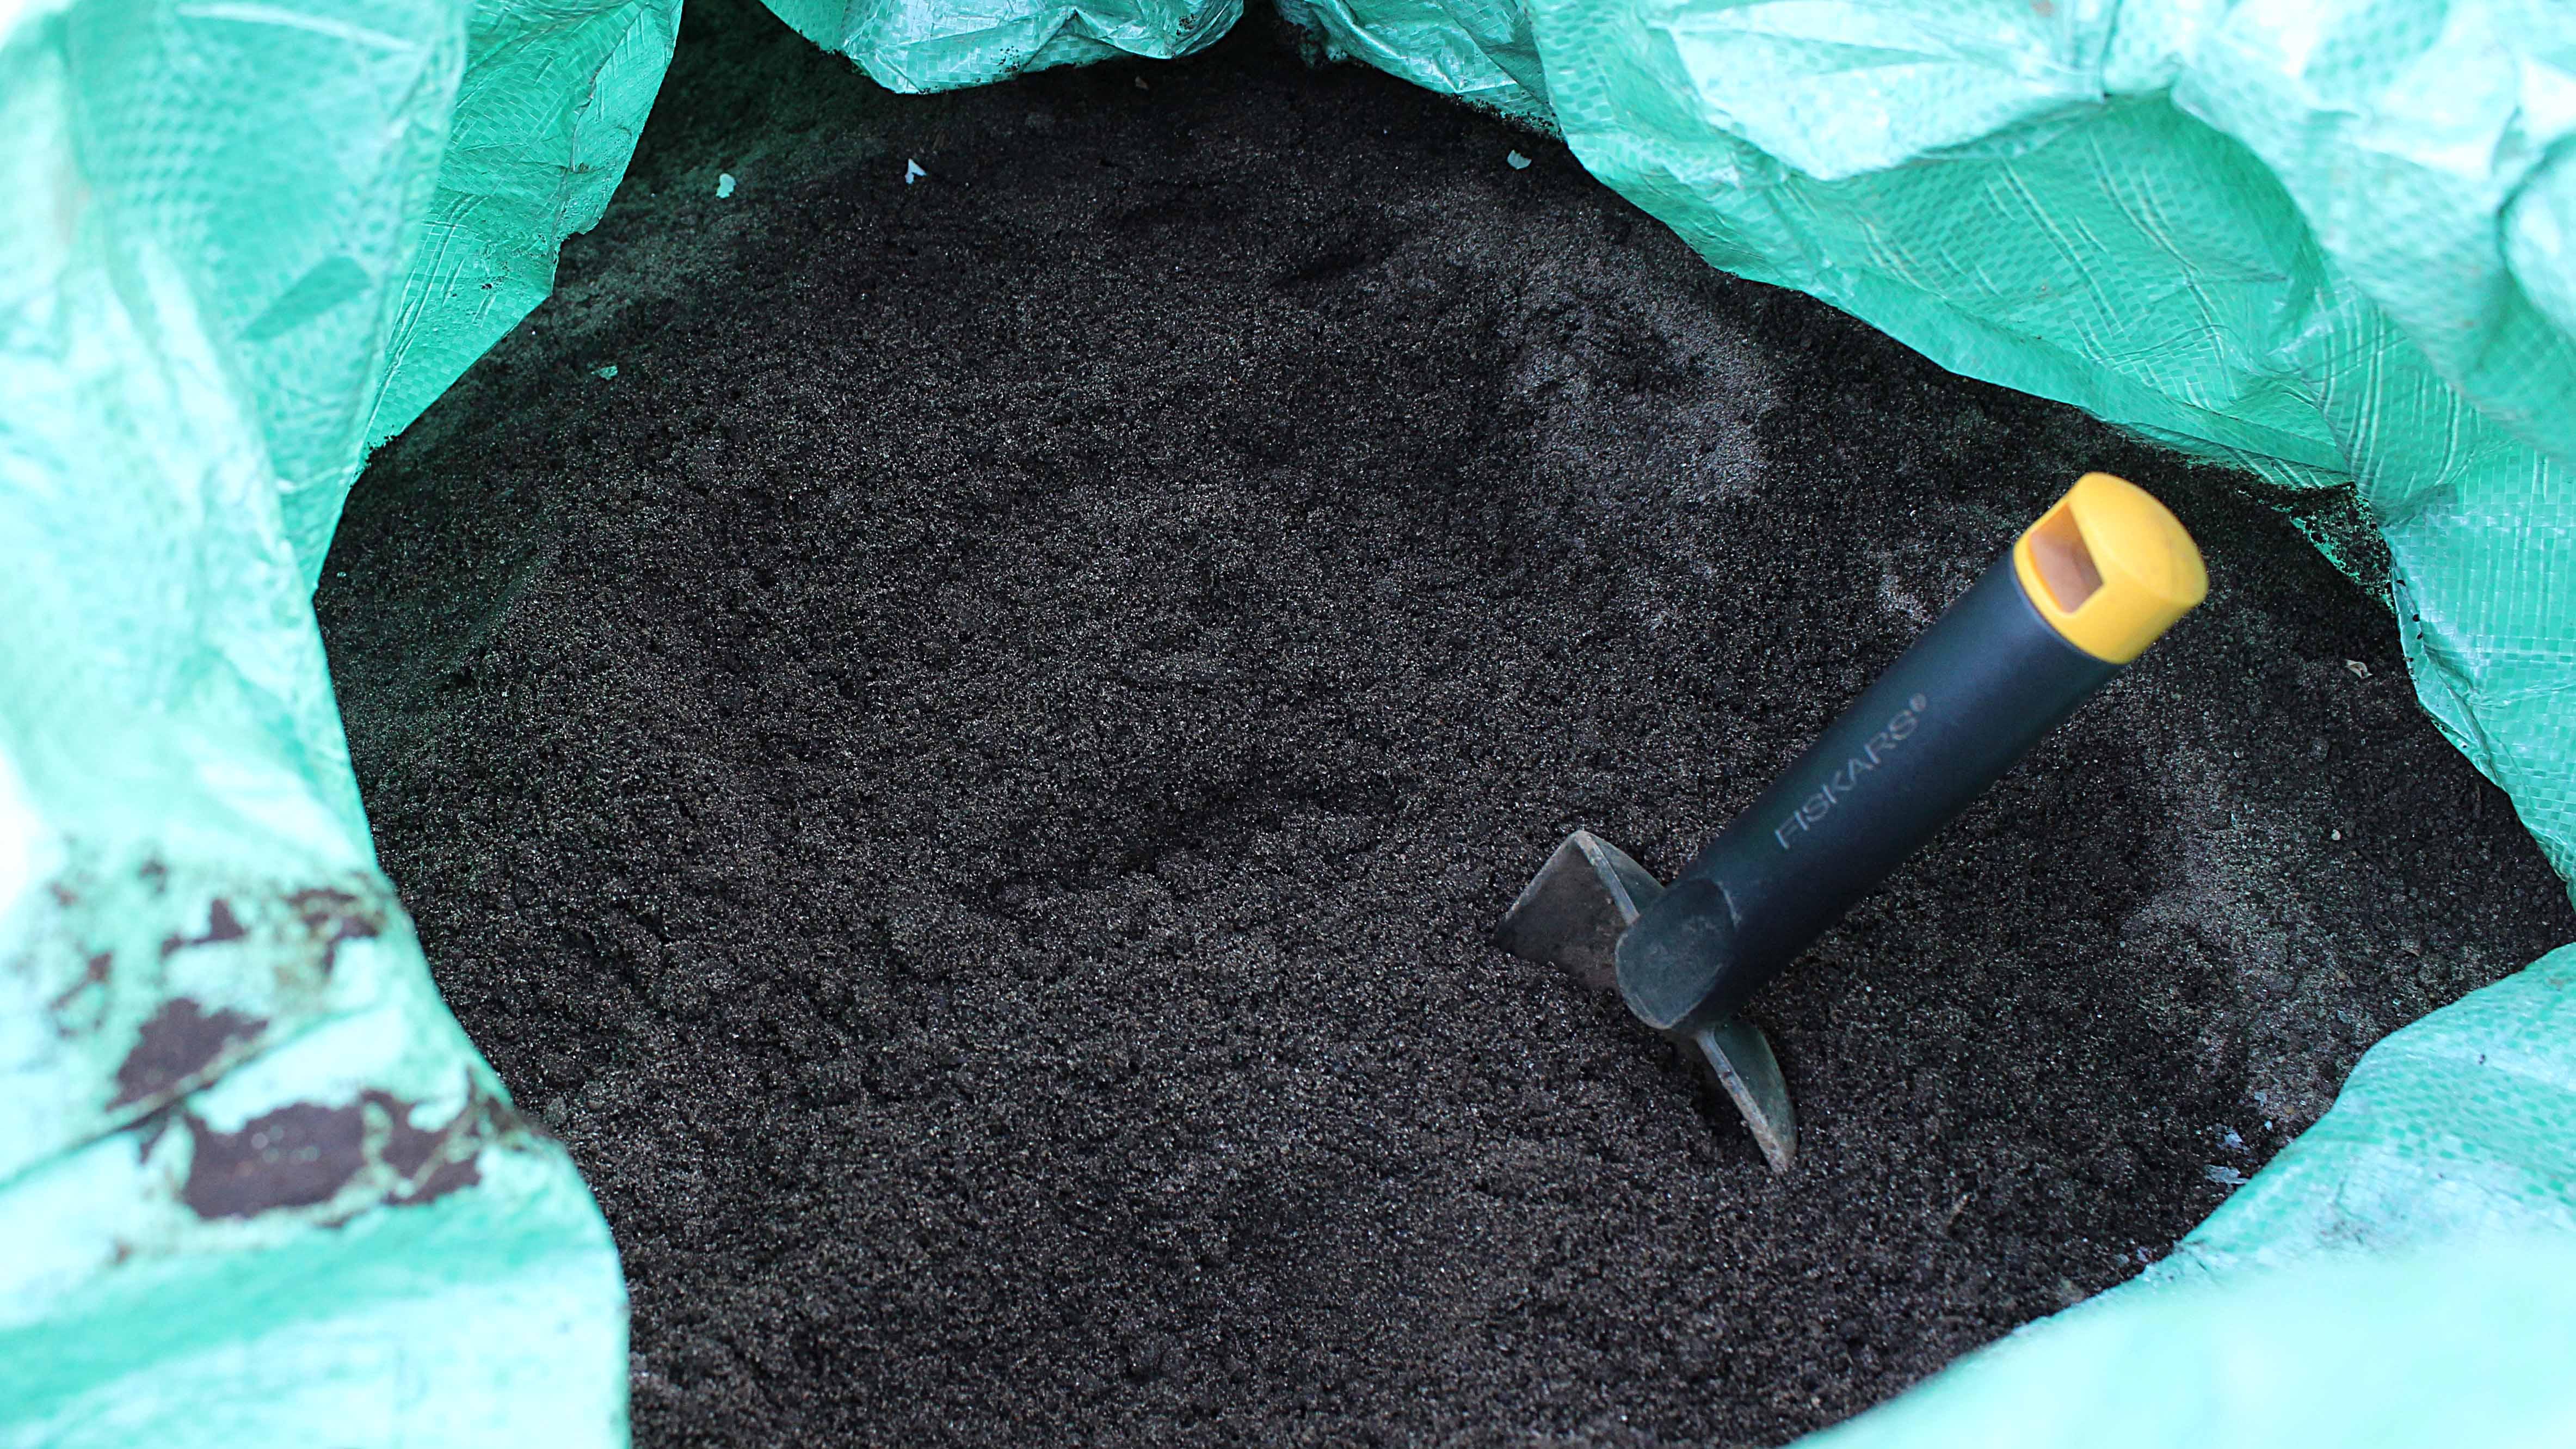 digging deeper into a BigYellowBag of Soil3